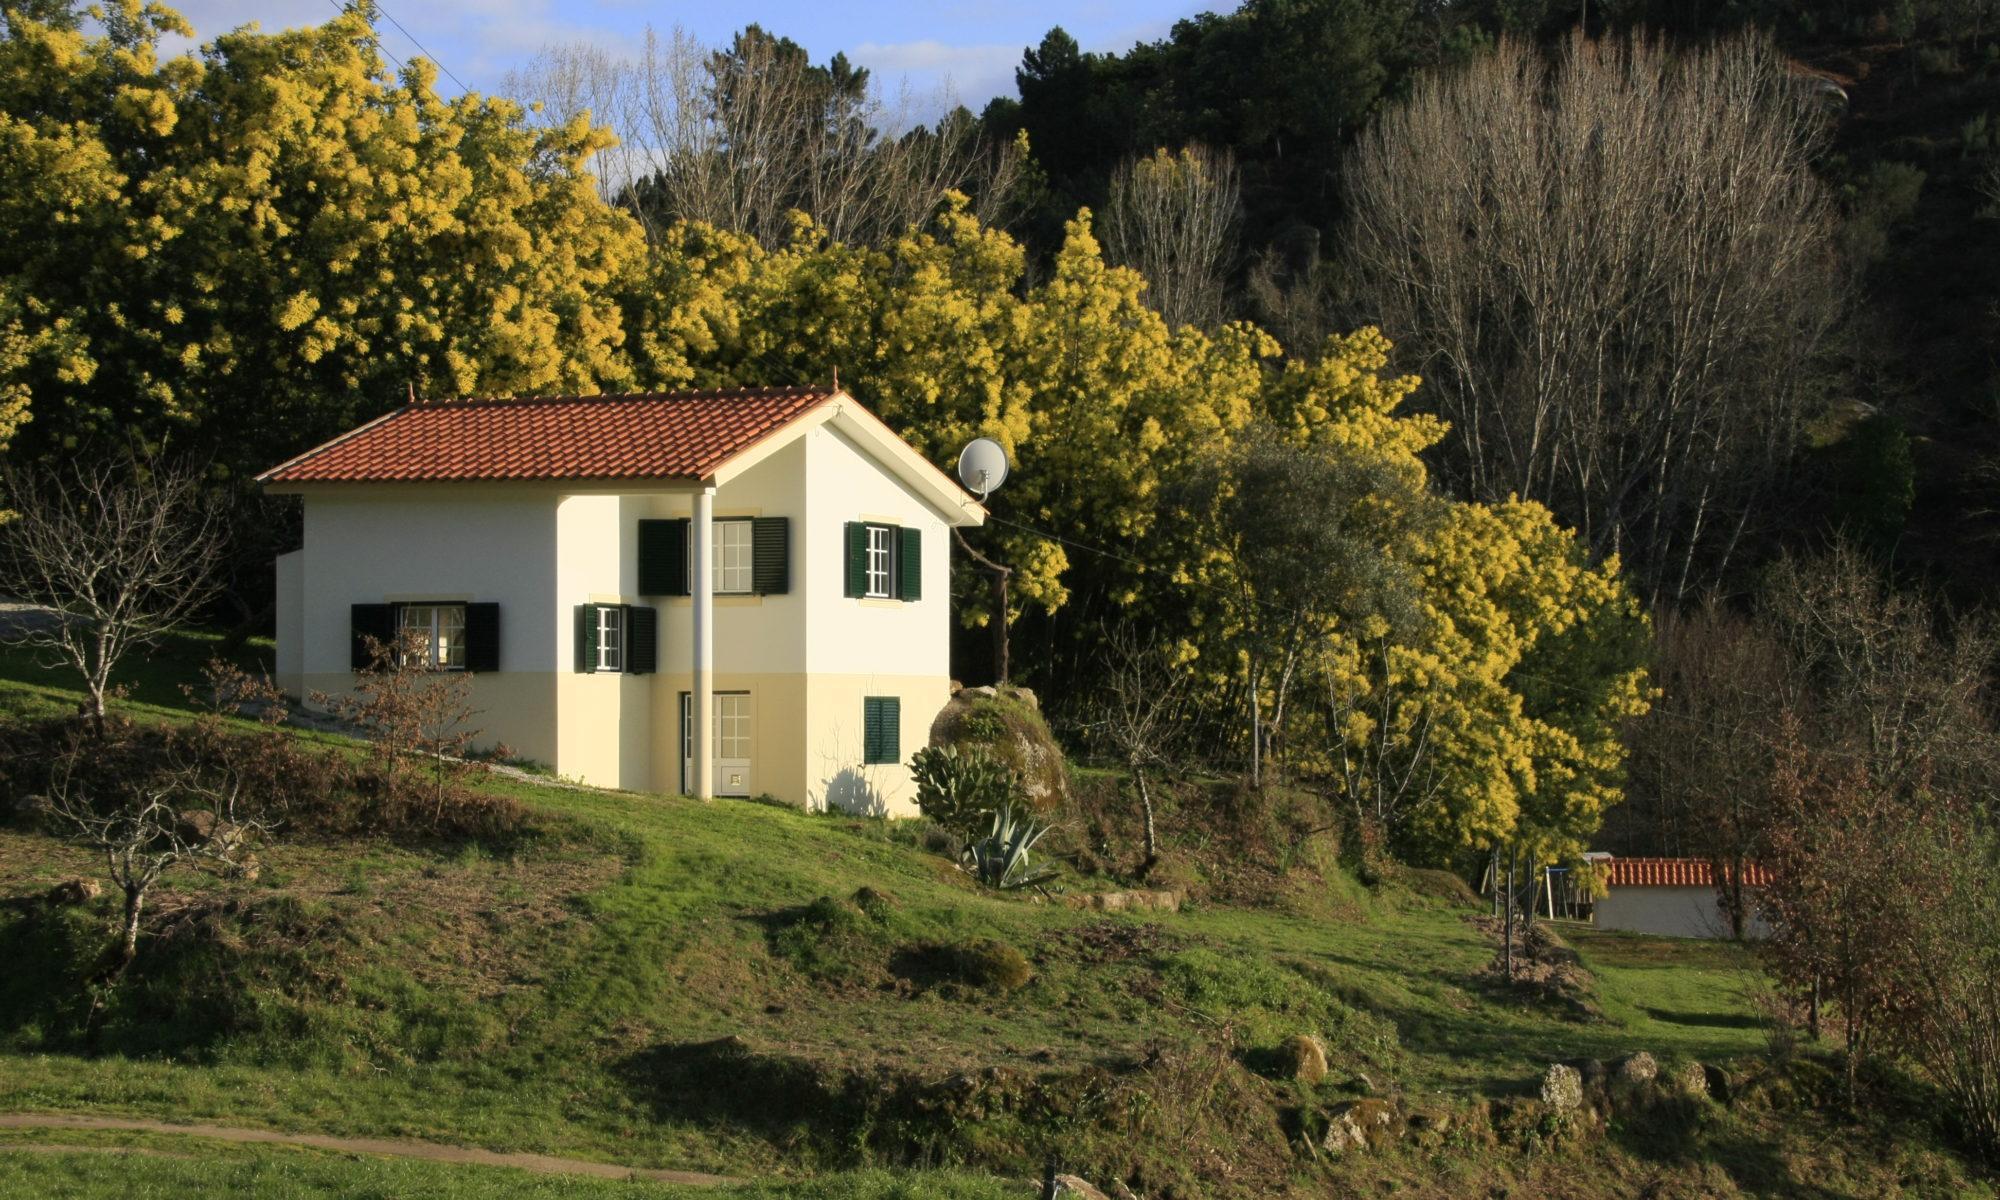 vakantiehuis Casa Retiro